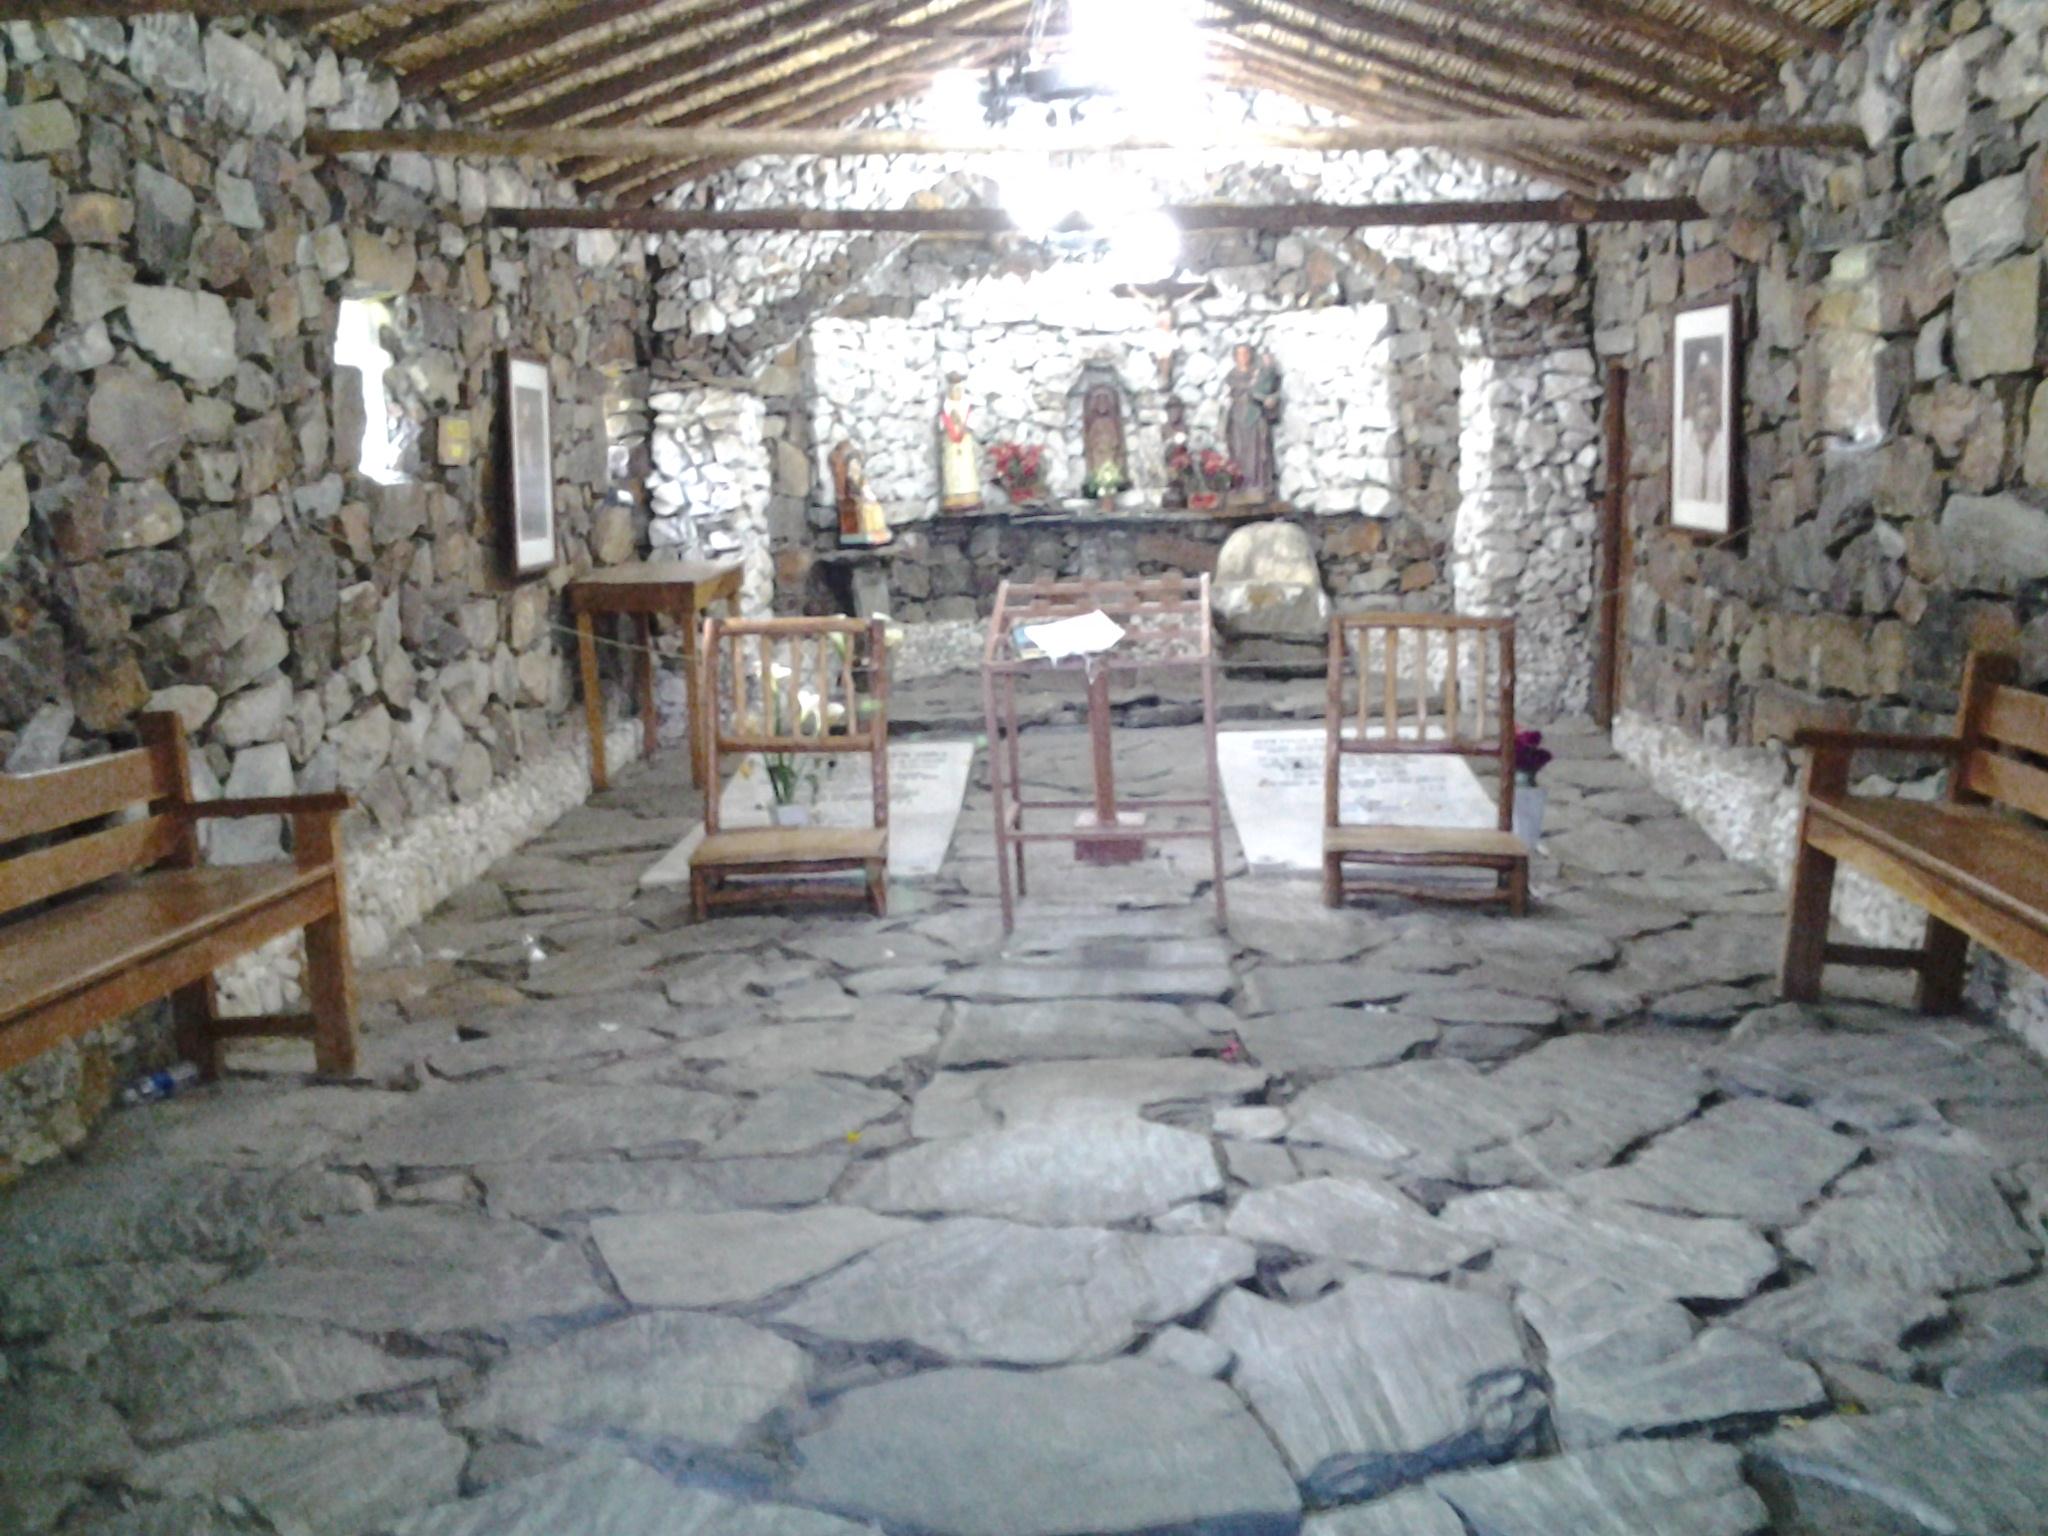 de la iglesia de piedra mridajpg